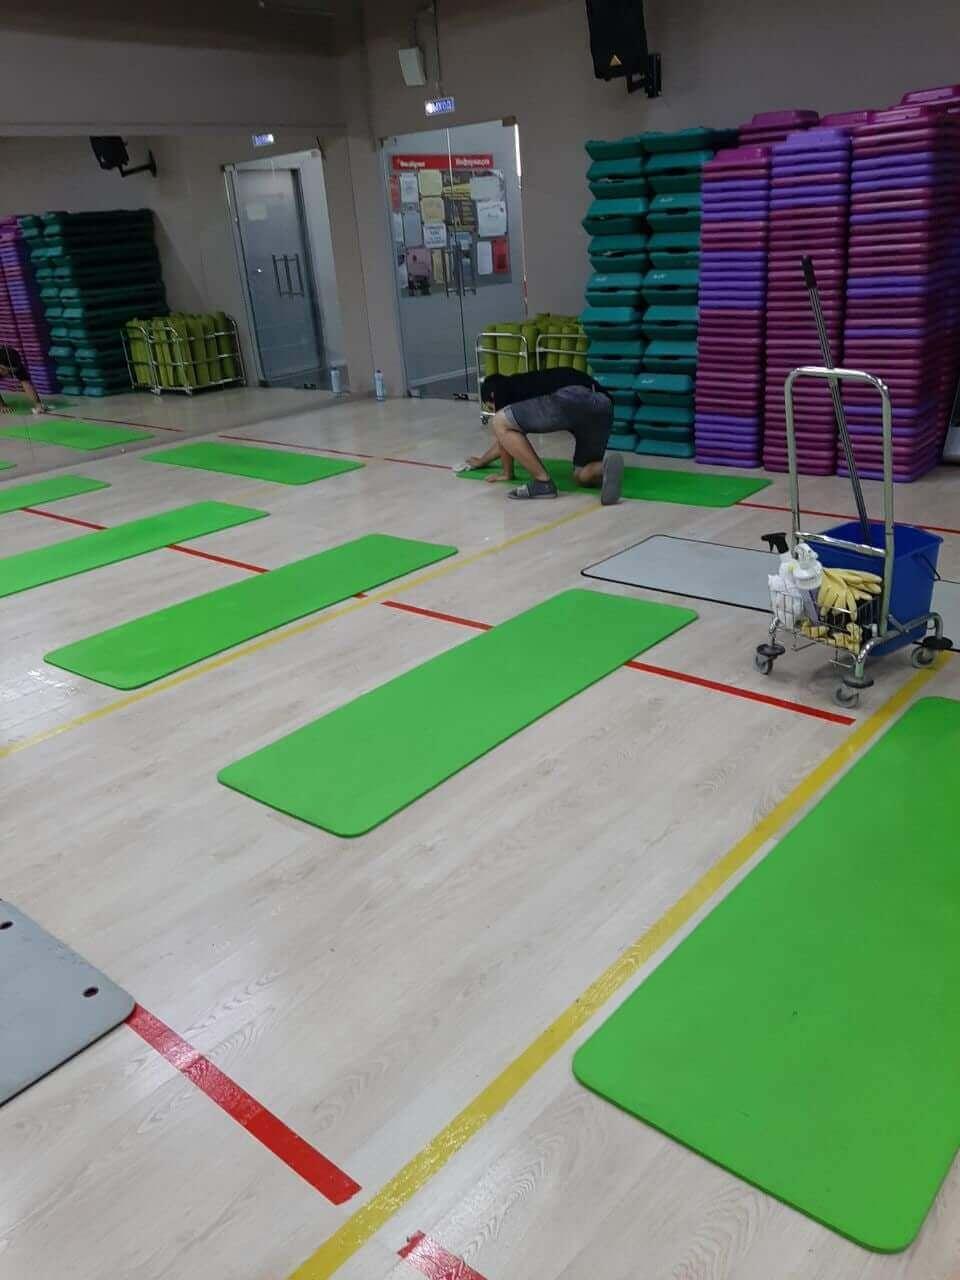 Человек чистит спортивные маты в спортзале